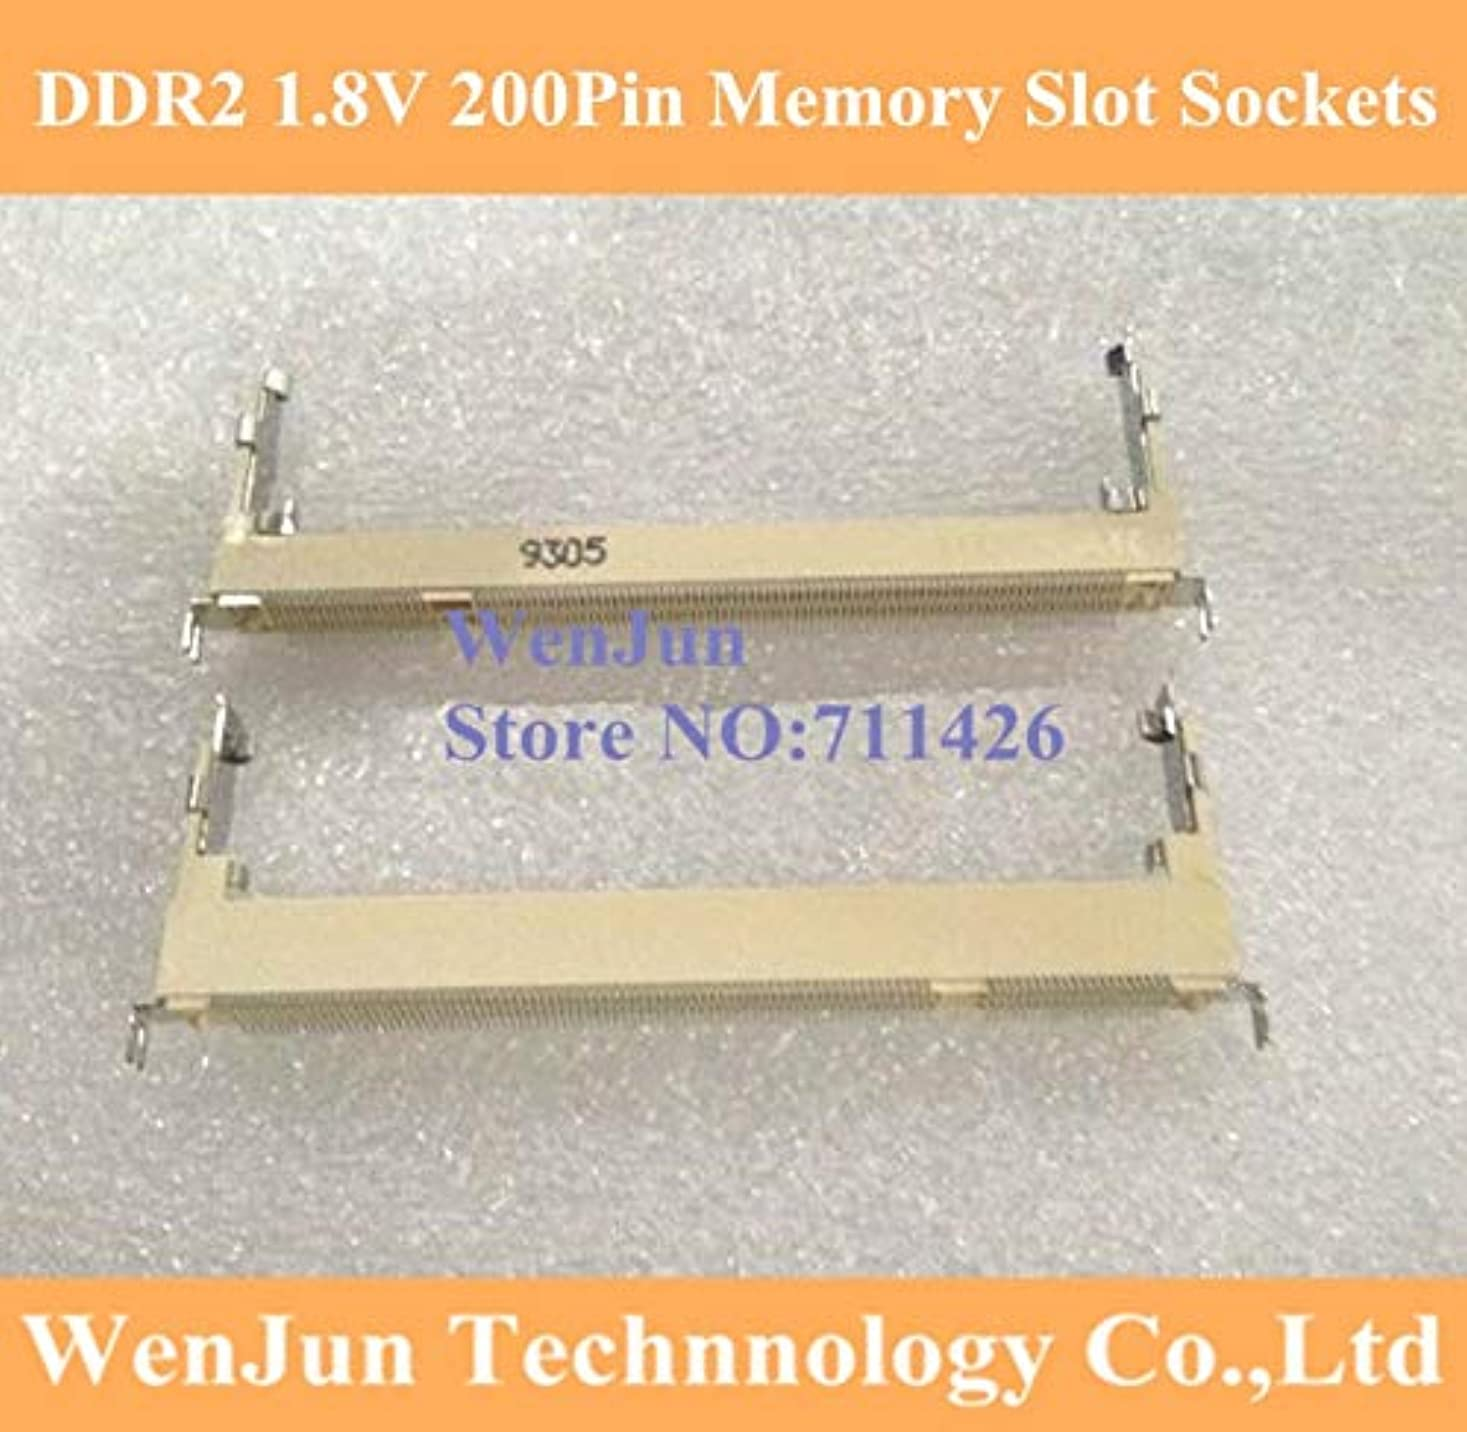 餌作成するクリスマスコンピューターケーブル Foxconn DDR2 1.8V 200ピン 5.2H コネクター ノートパソコン メモリースロットソケット 2200ピン フォワード YTN-C0FADBD04670EAD3A80ED4B25EFDCCC5